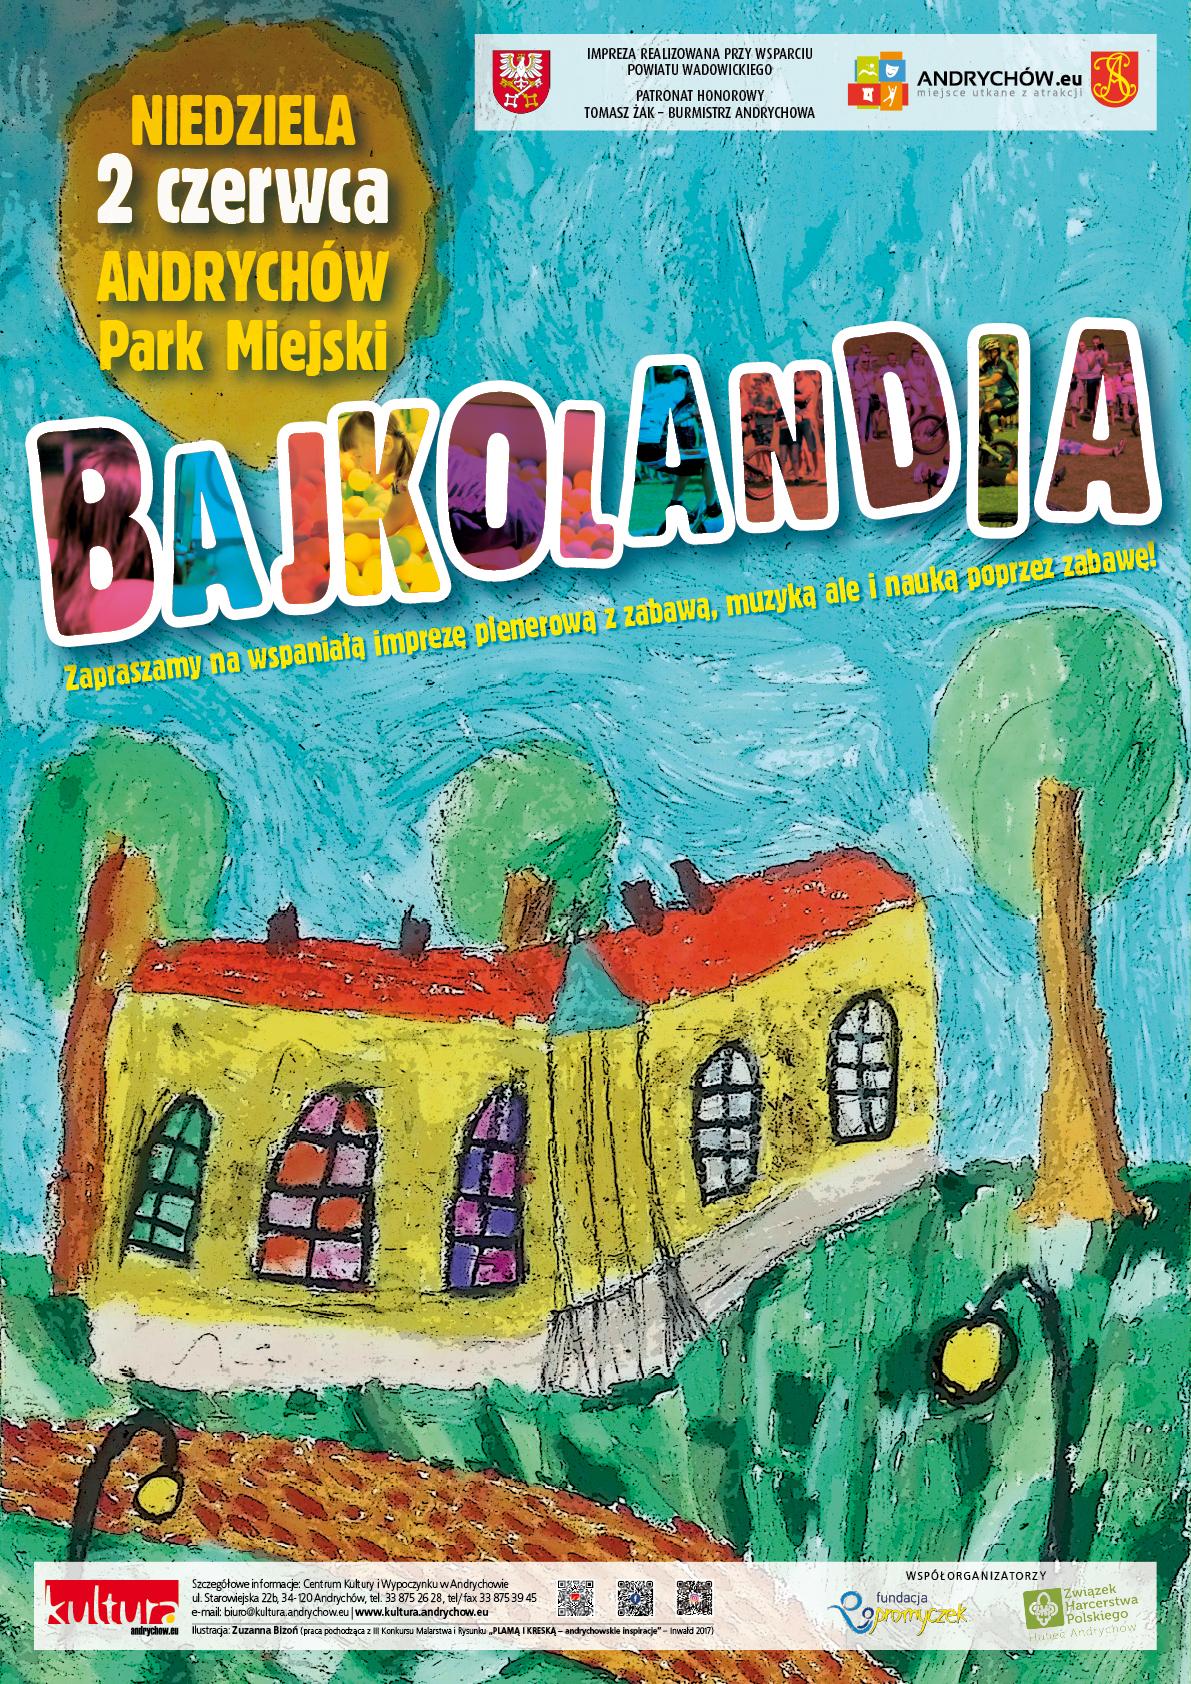 Bajkolandia 2019 w Andrychowie. Szczegóły wielkiej imprezy na Dzień Dziecka